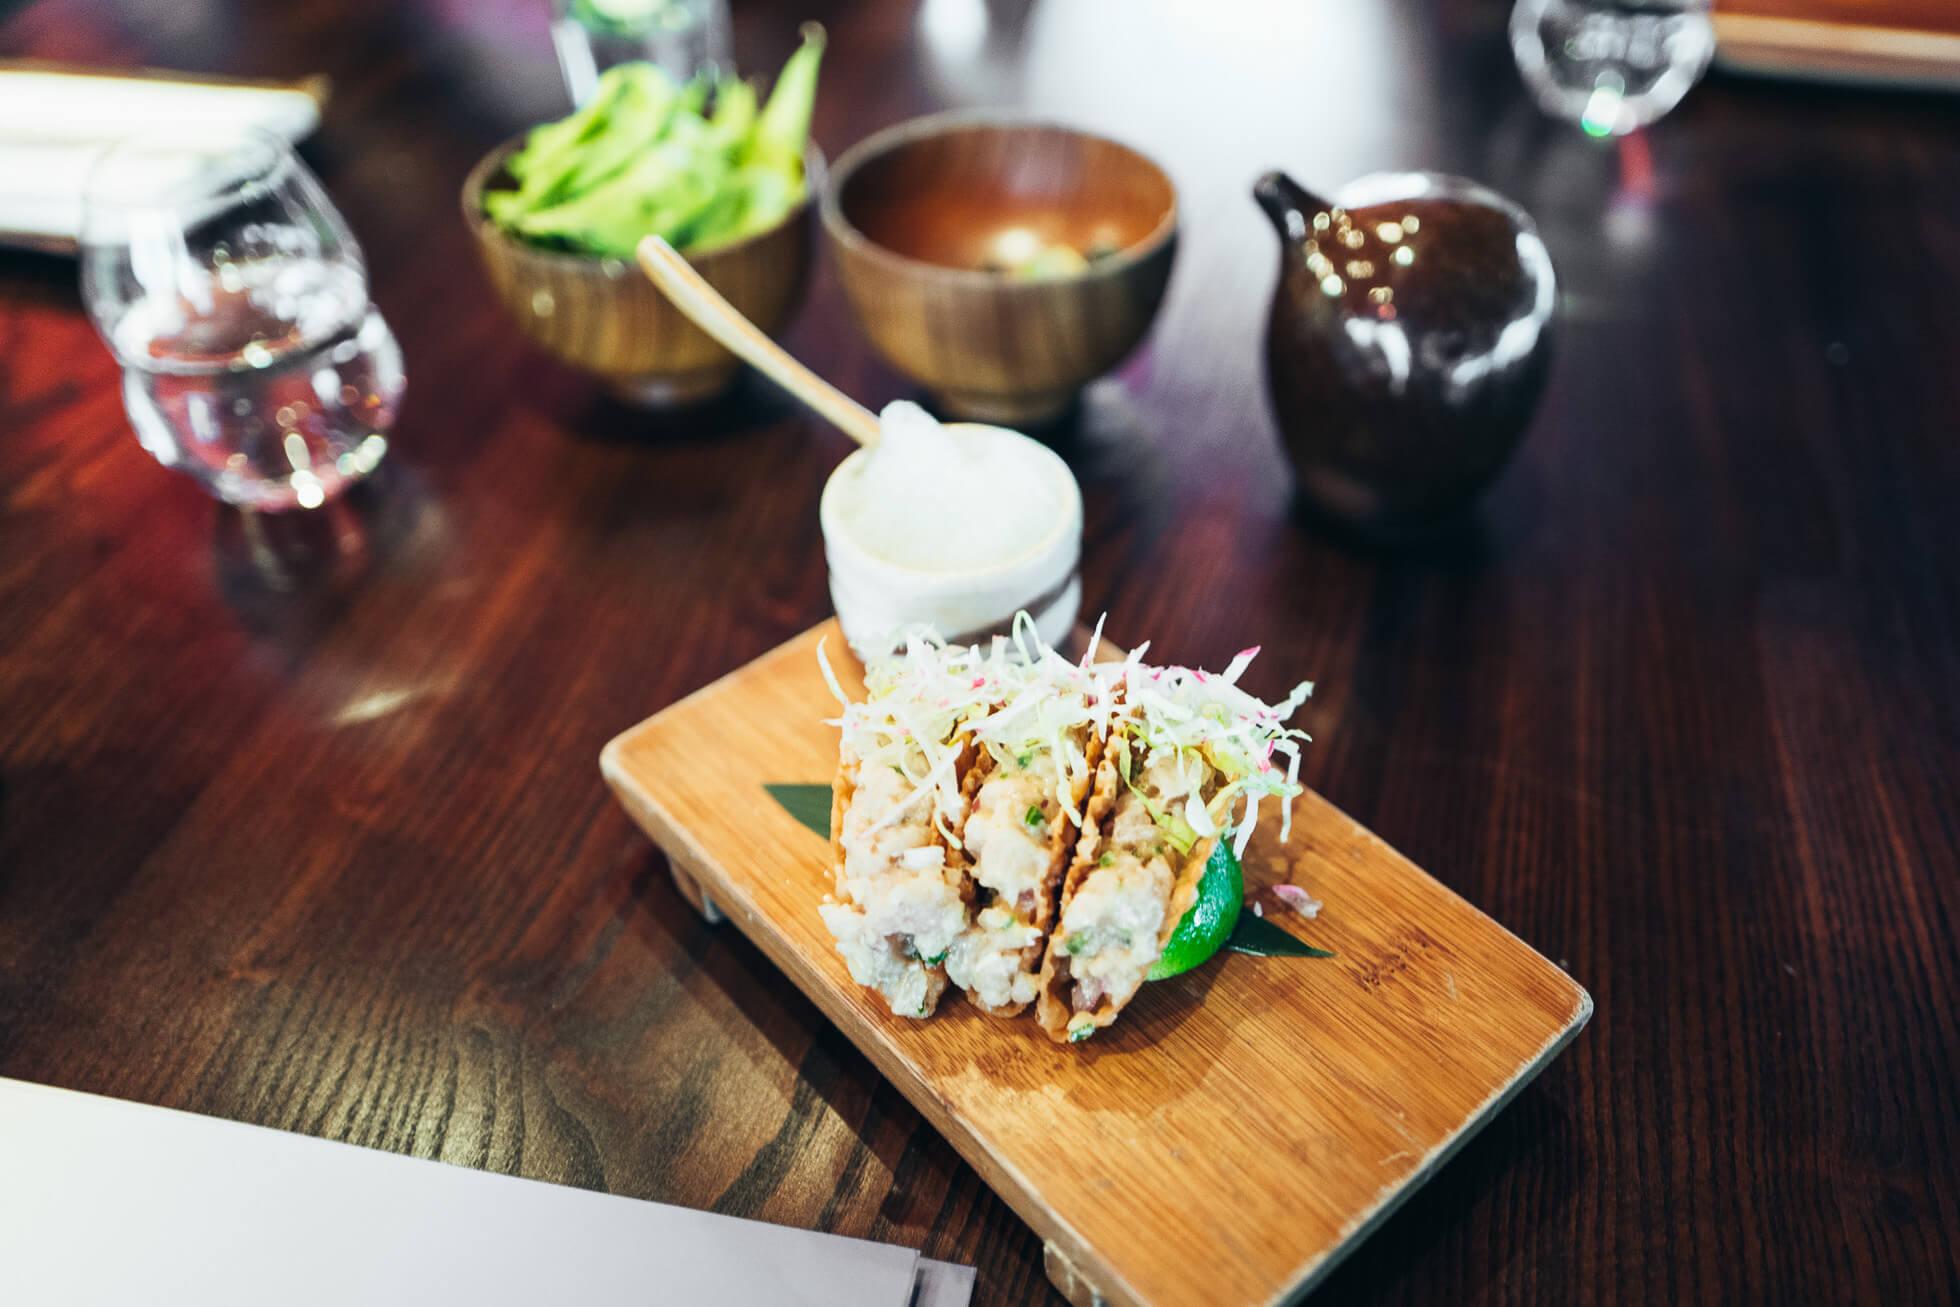 janni-deler-sushi-samba-londonl1160122